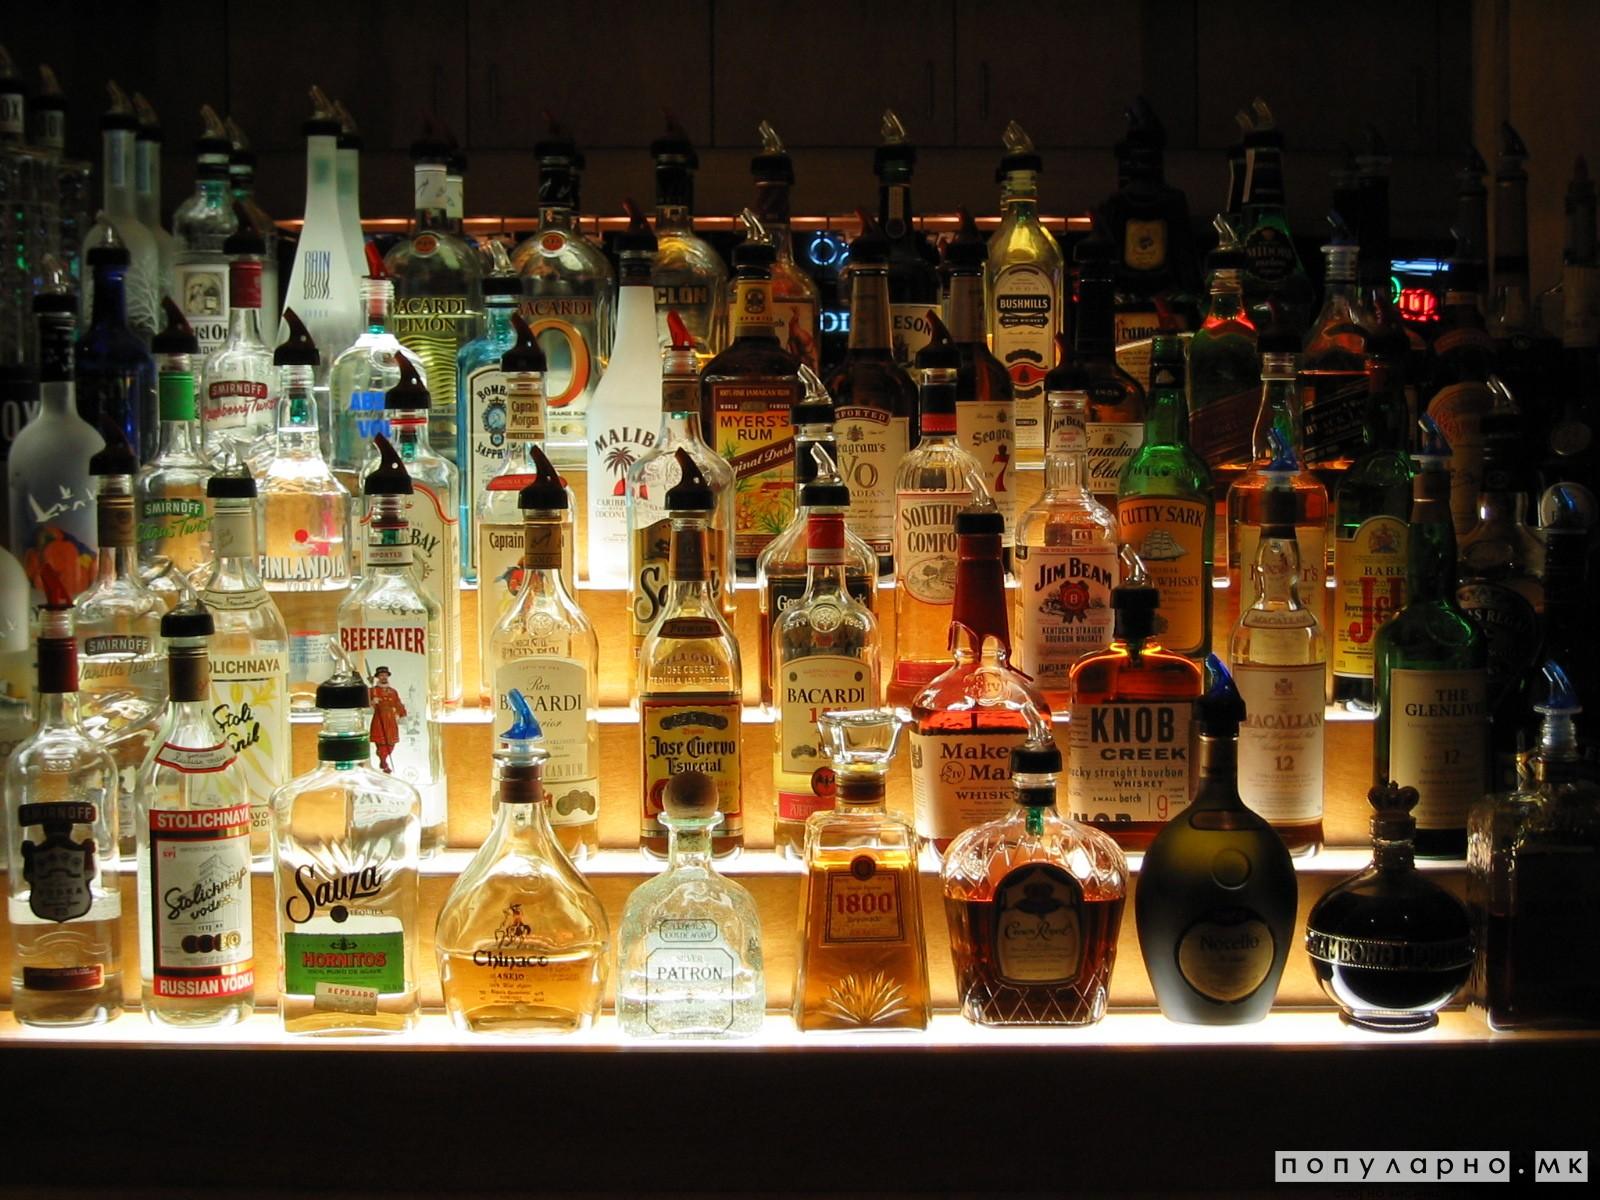 Чешките експерти препорачуваат: Редовно пијте алкохол за здраво тело